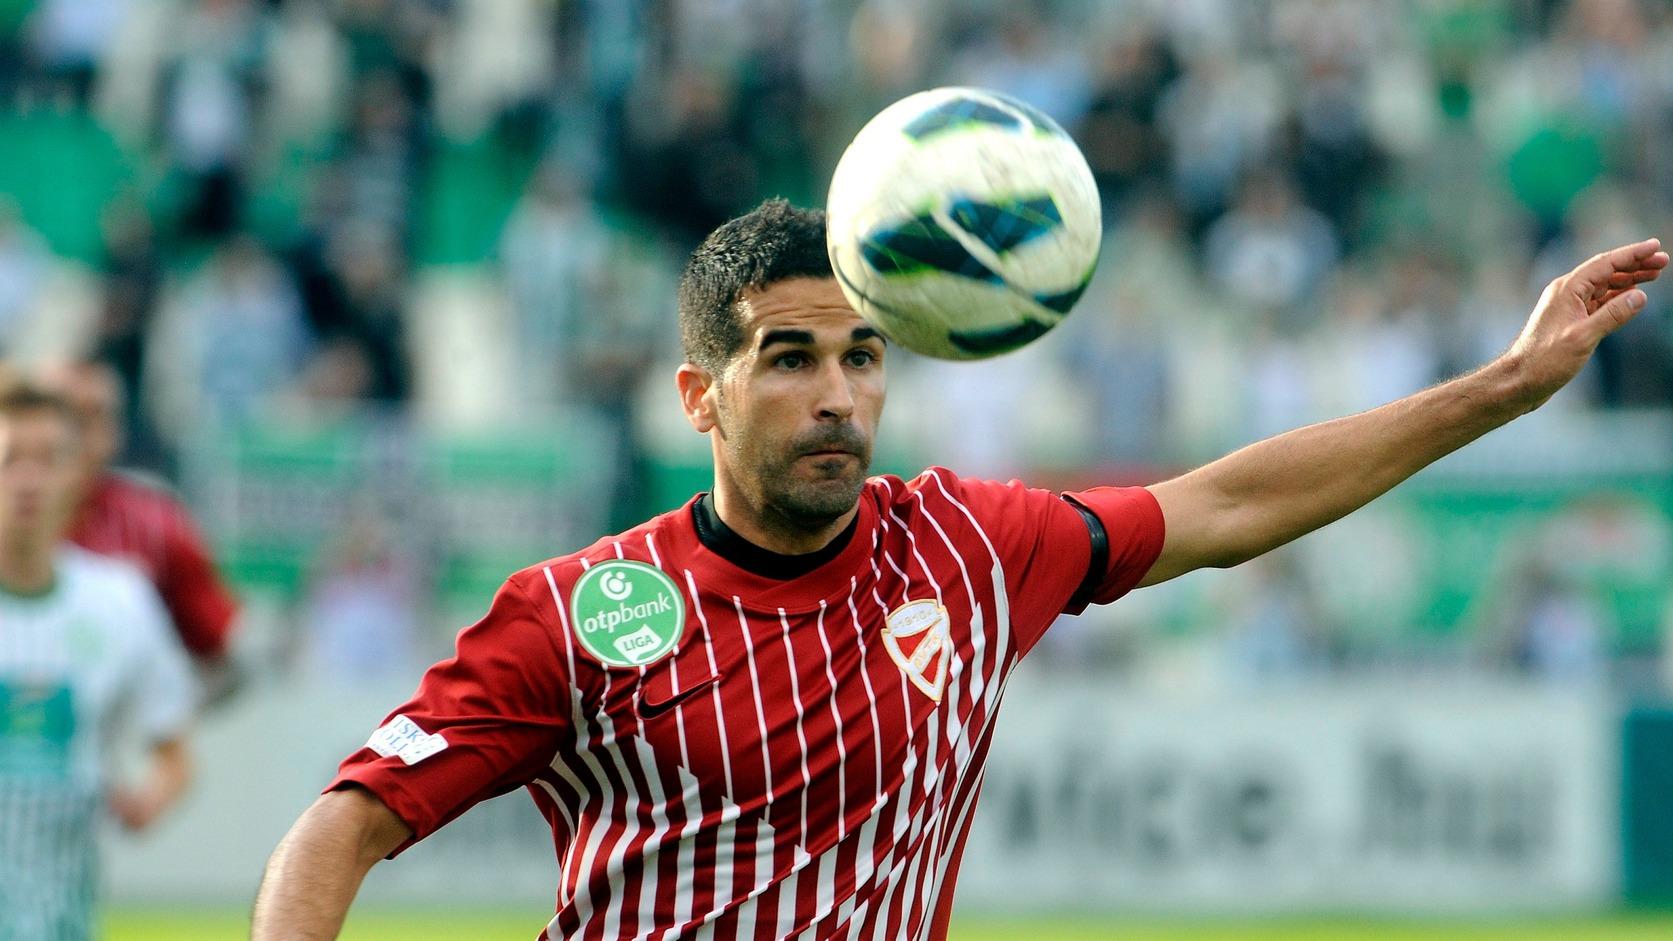 Fernandez Escribano Miguel Fernando a 2012 szeptemberi Ferencváros-Diósgyőr bajnokin (MTI Fotó: Földi Imre)